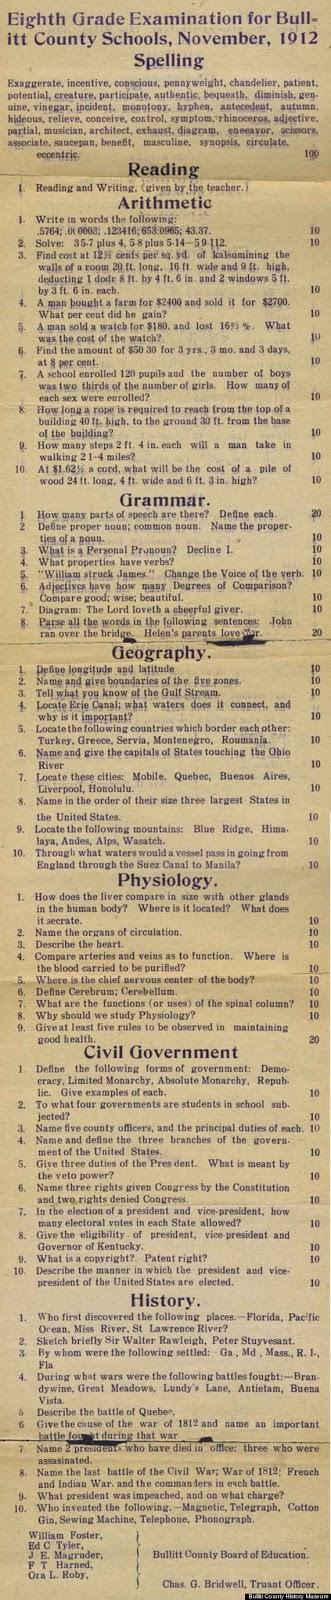 1912 eighth grade exam